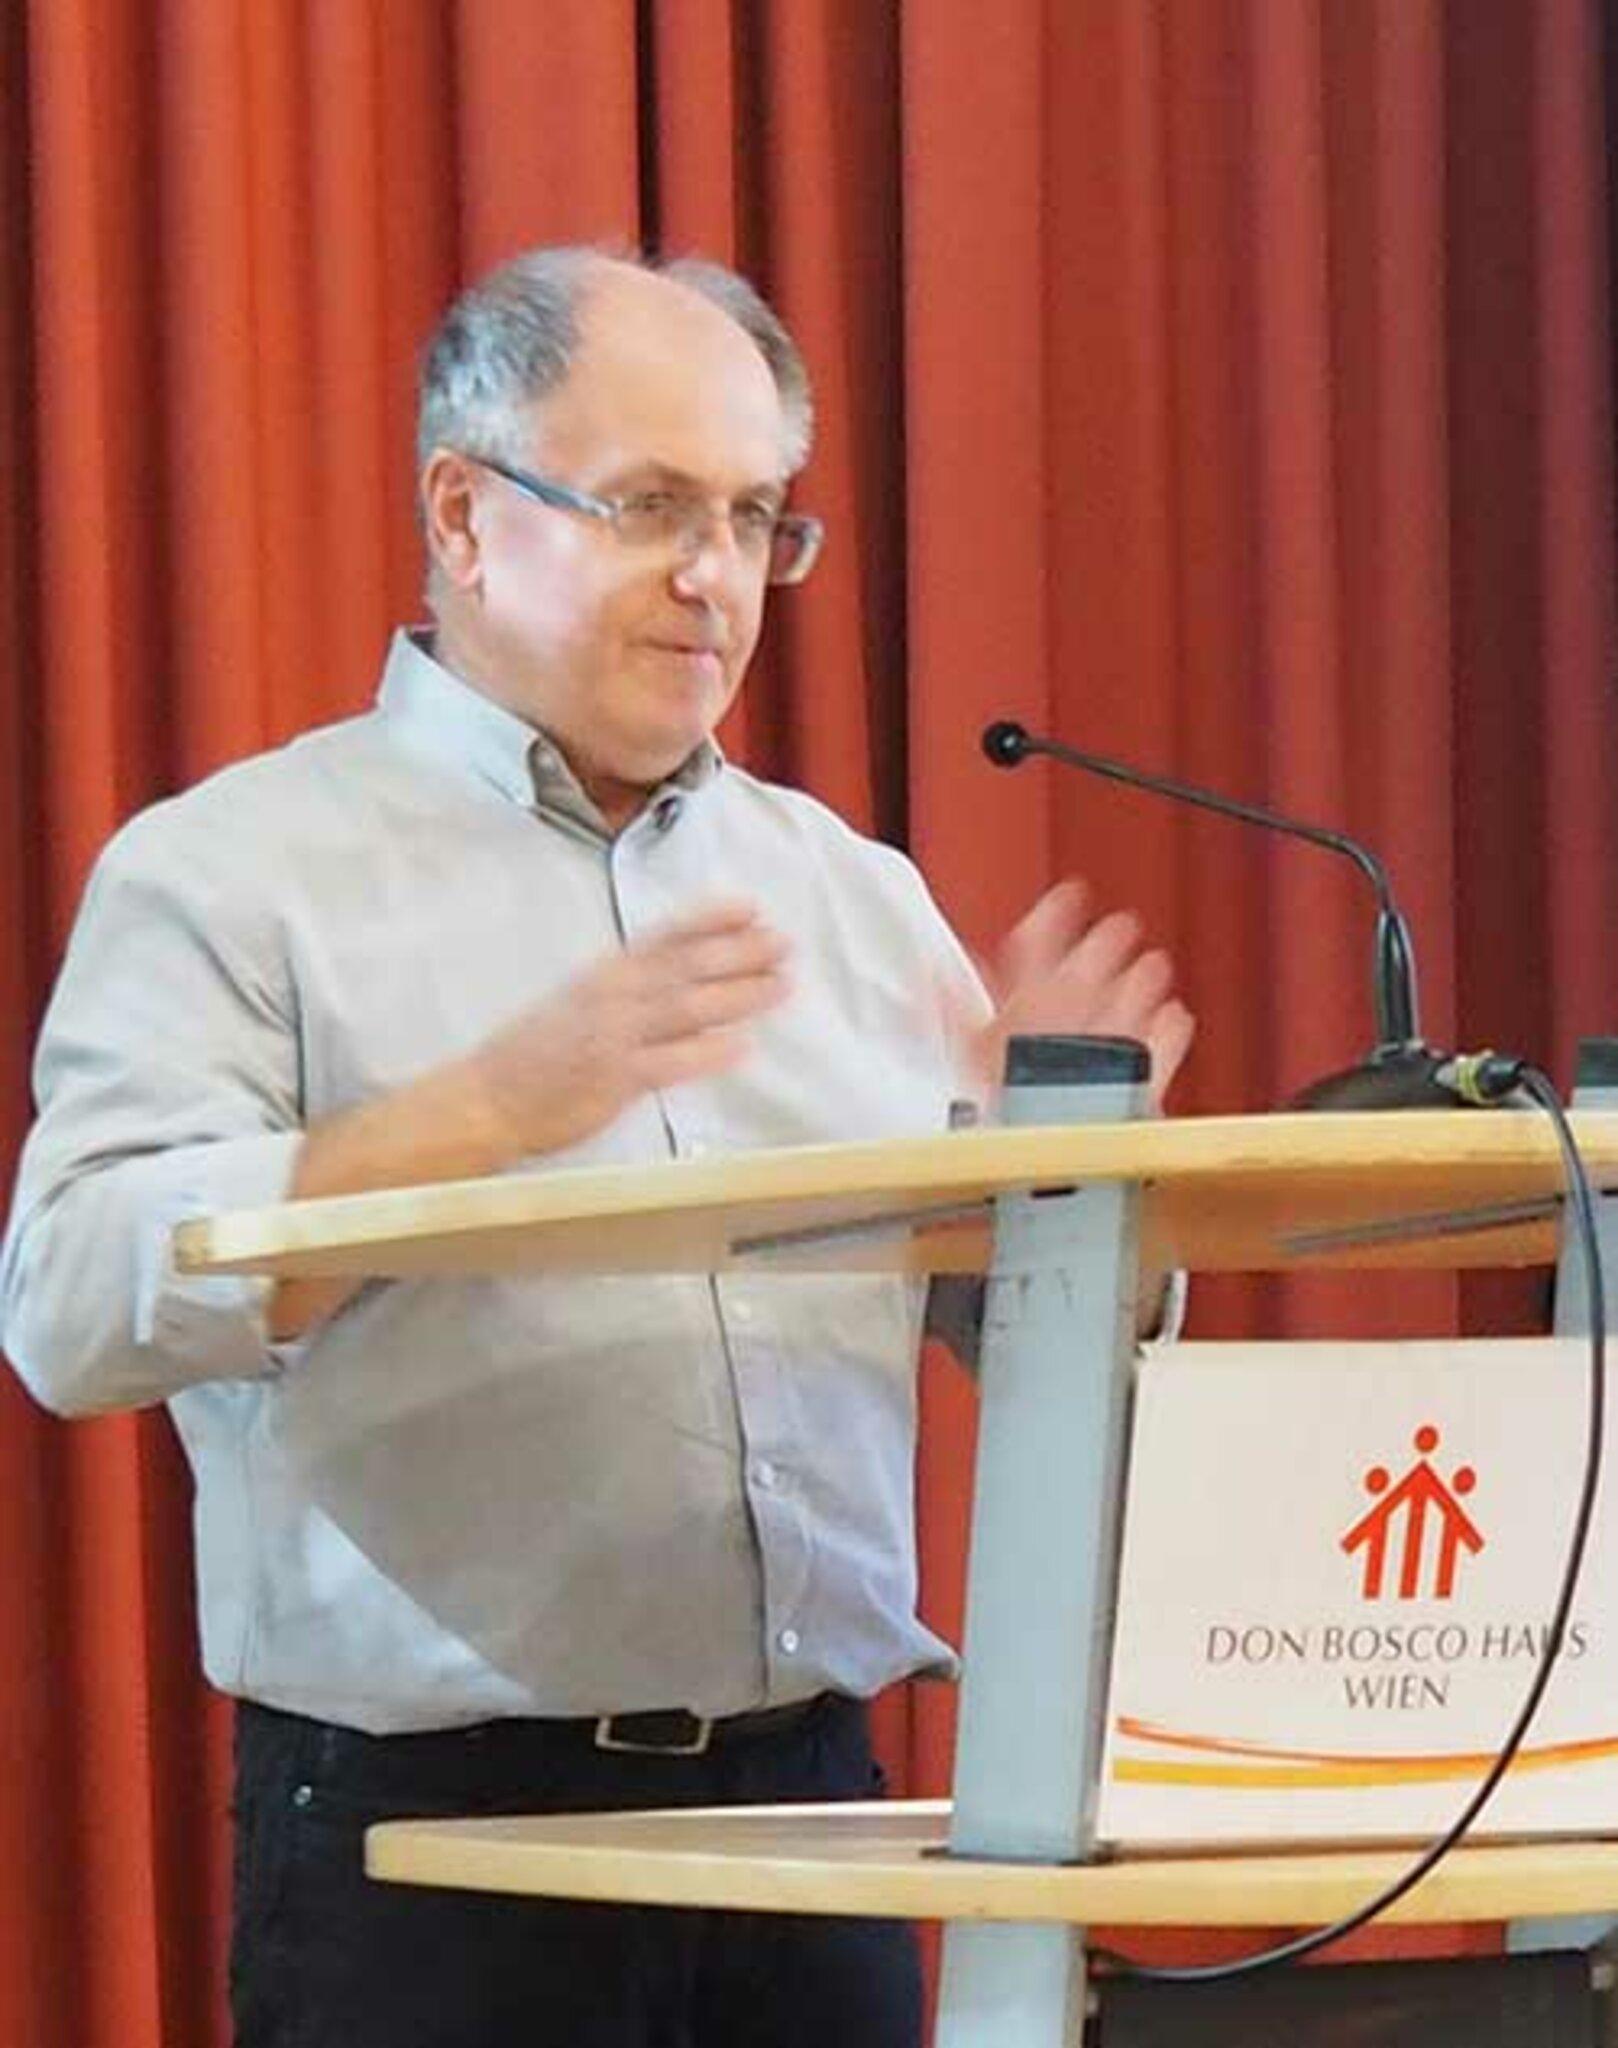 Helmut Angel Salesianischer Mitarbeiter Don Boscos seit 1991